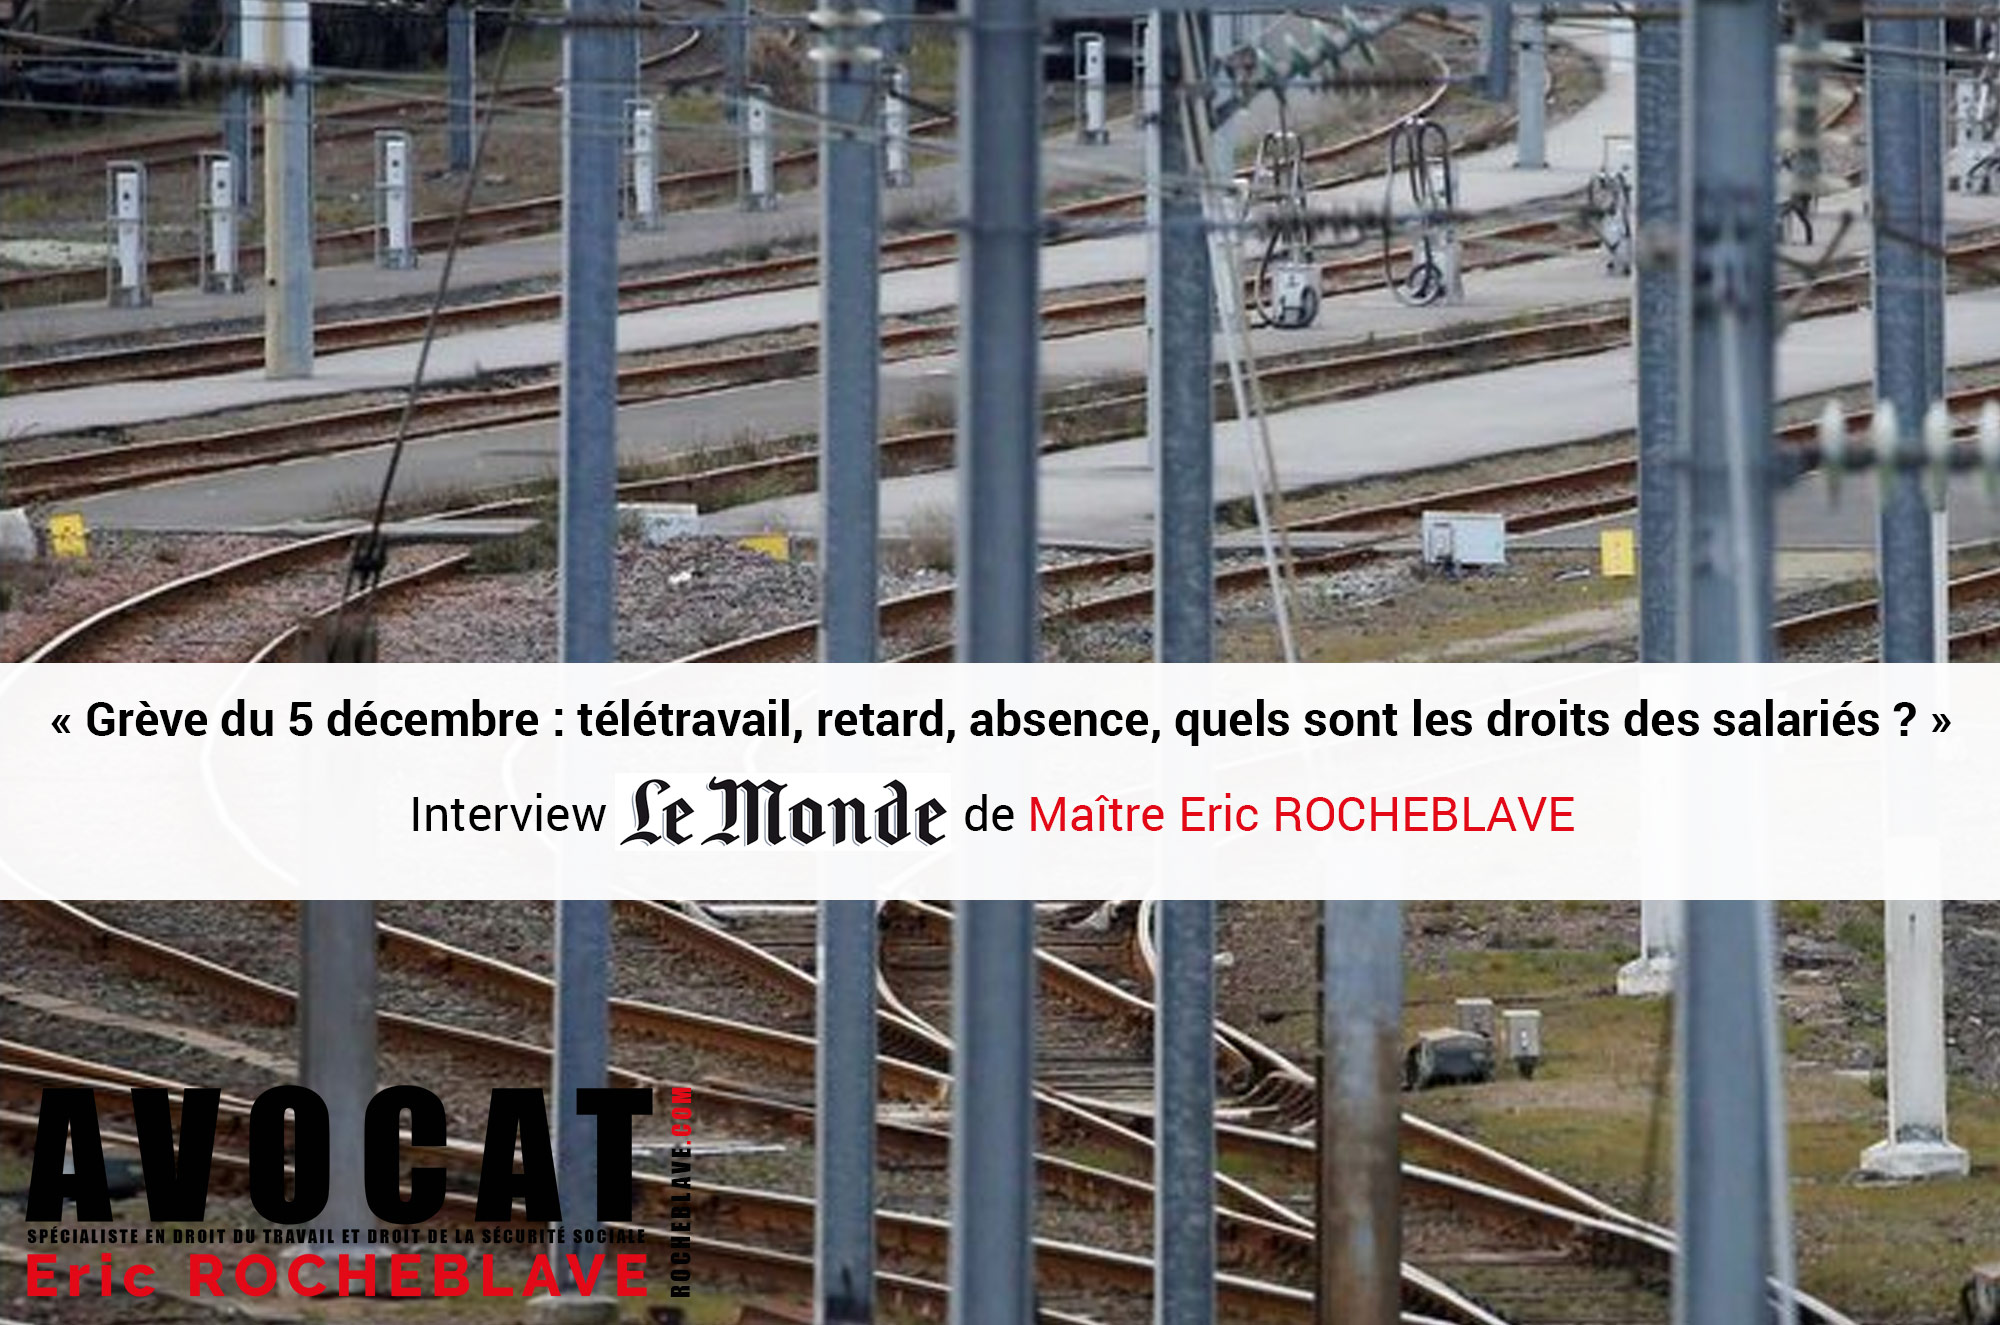 « Grève du 5 décembre : télétravail, retard, absence, quels sont les droits des salariés ? » Interview Le Monde de Maître Eric ROCHEBLAVE